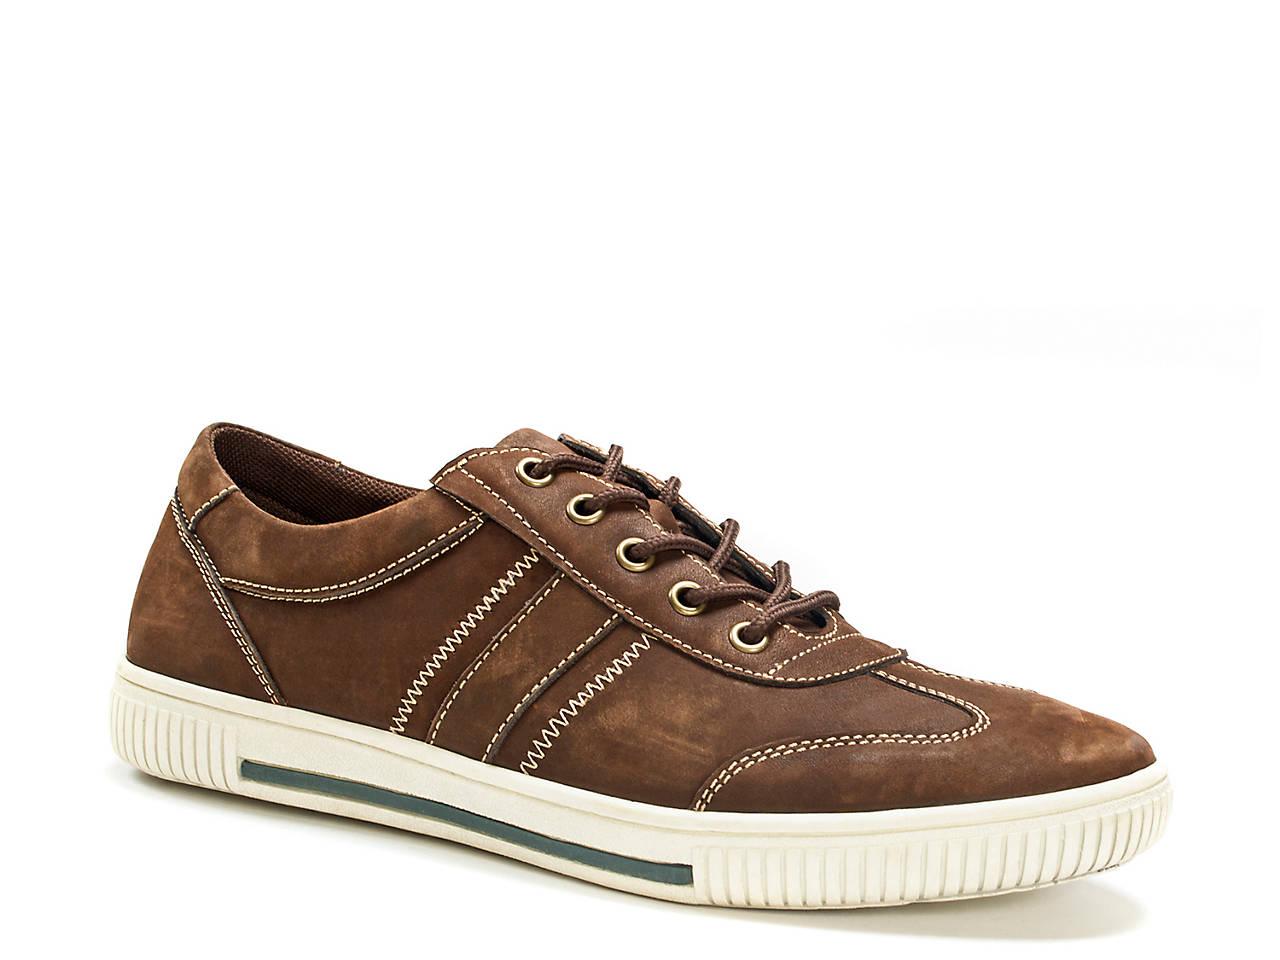 Muk Luks Mens Mens Nick Shoes Fashion Sneaker